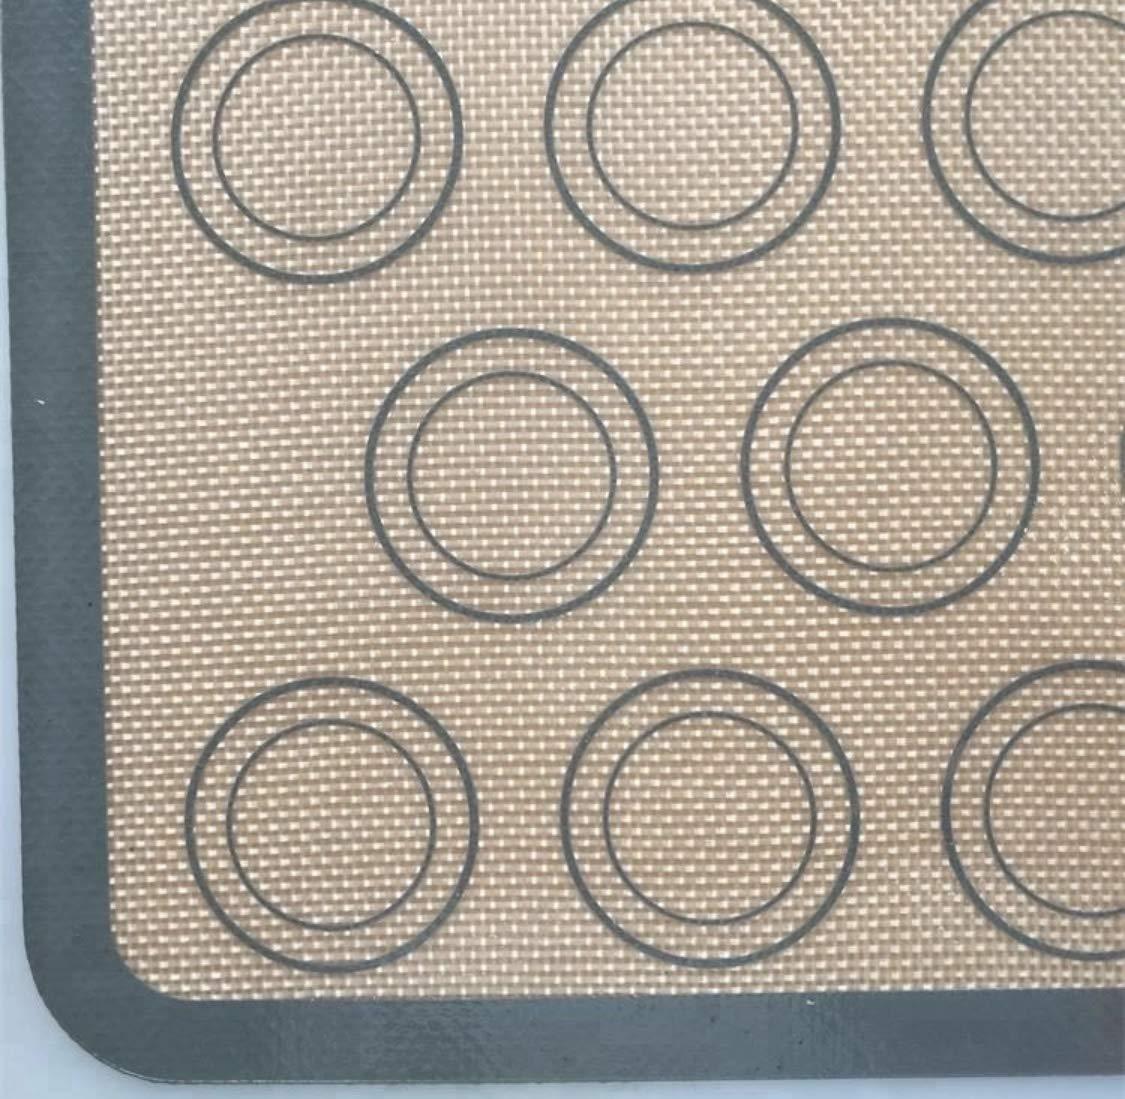 Silicone Macaron Baking Mat- COMETA - 2-Pack silicone fiberglass baking mat silicone baking mat by Cometa